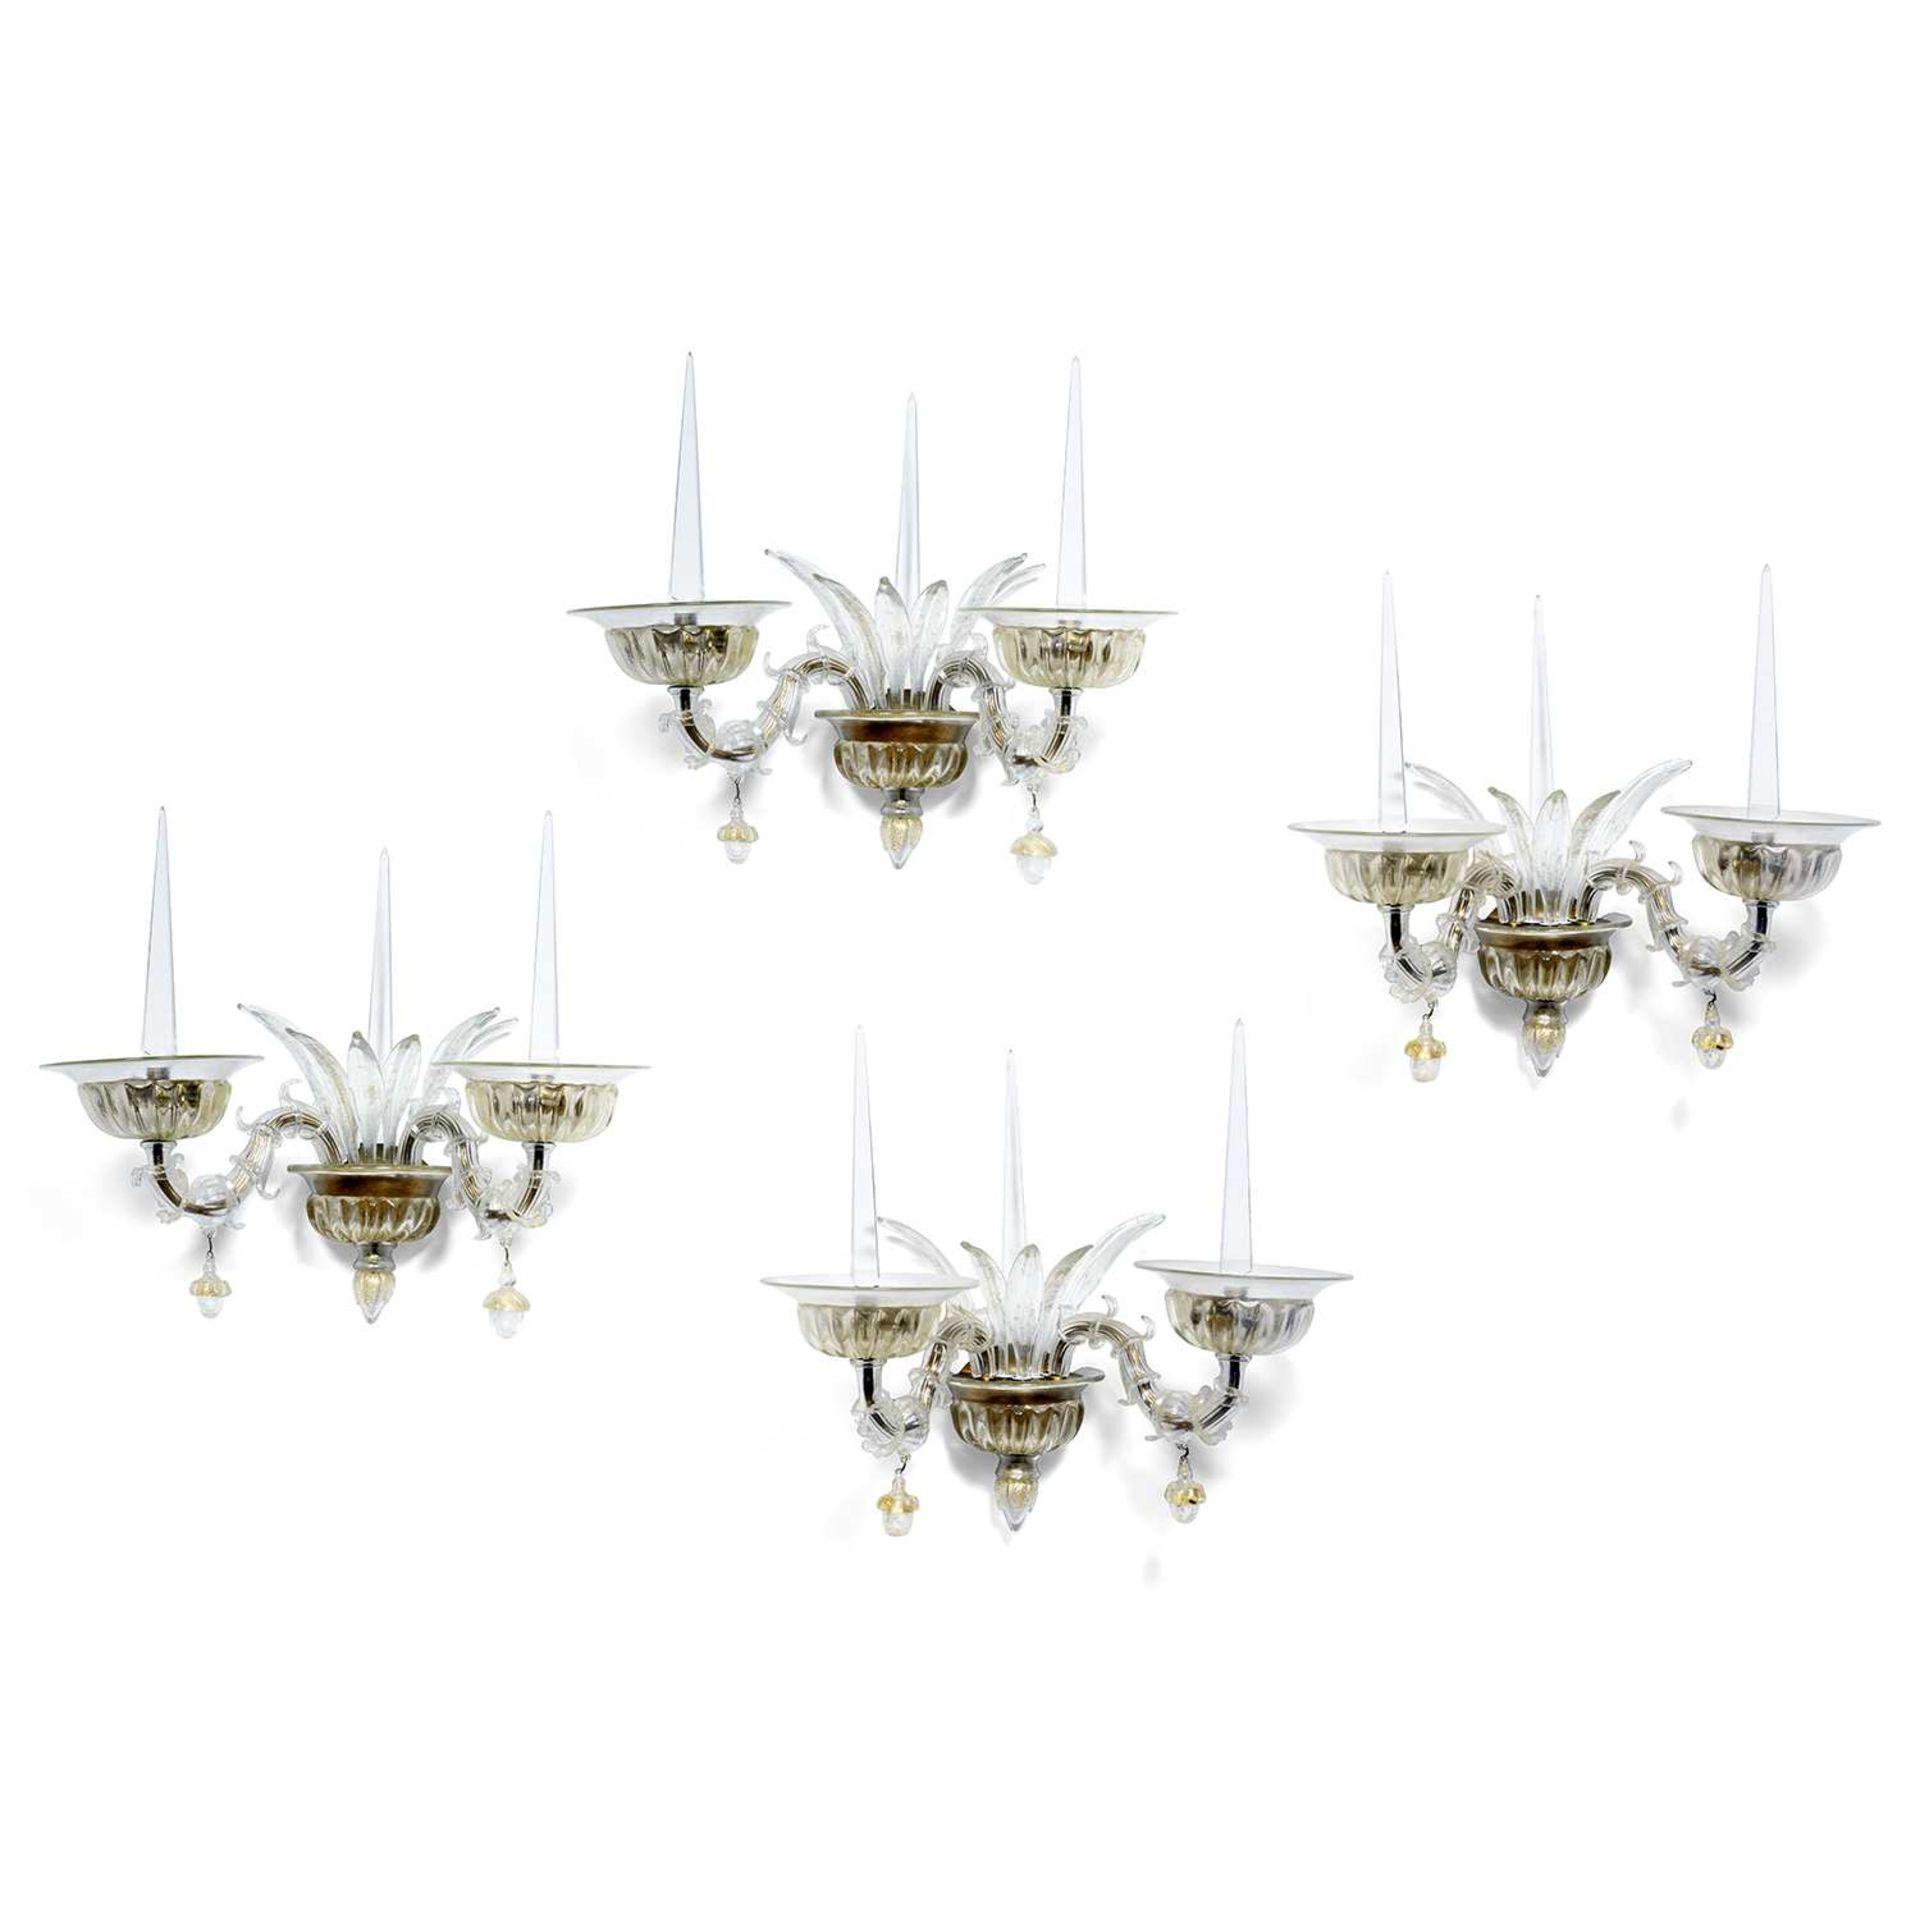 Los 56 - ANDRÉ ARBUS (ATTRIBUÉ À) & VERONESE Suite de quatre appliques en verre soufflé à paillons d'or,